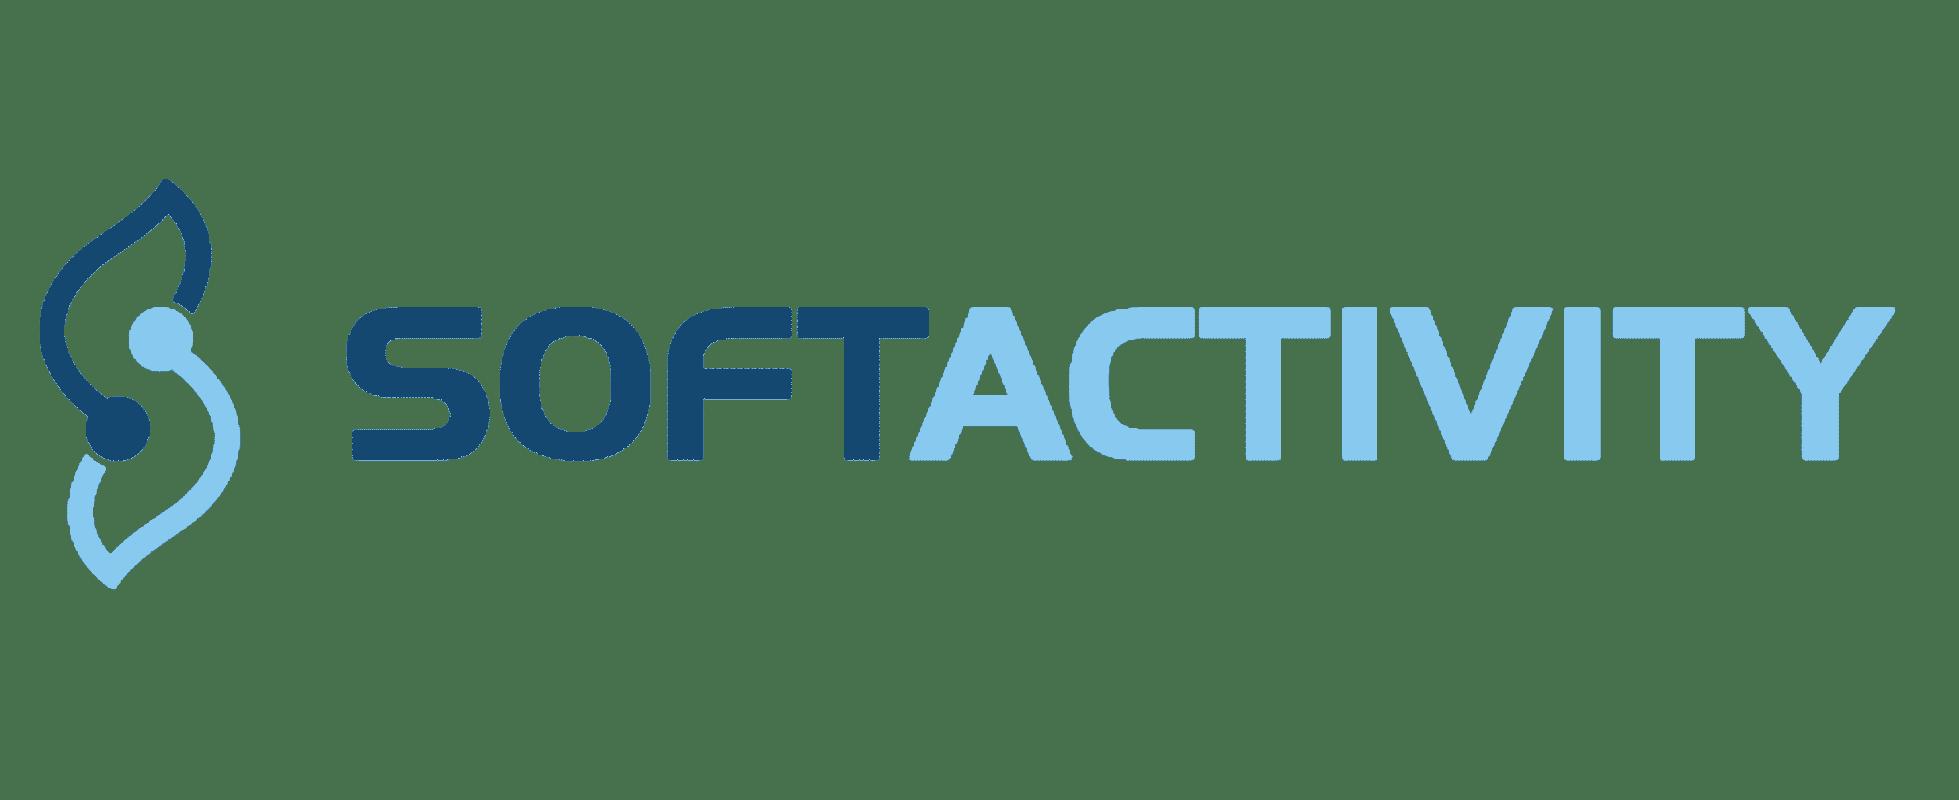 softactivitylogo